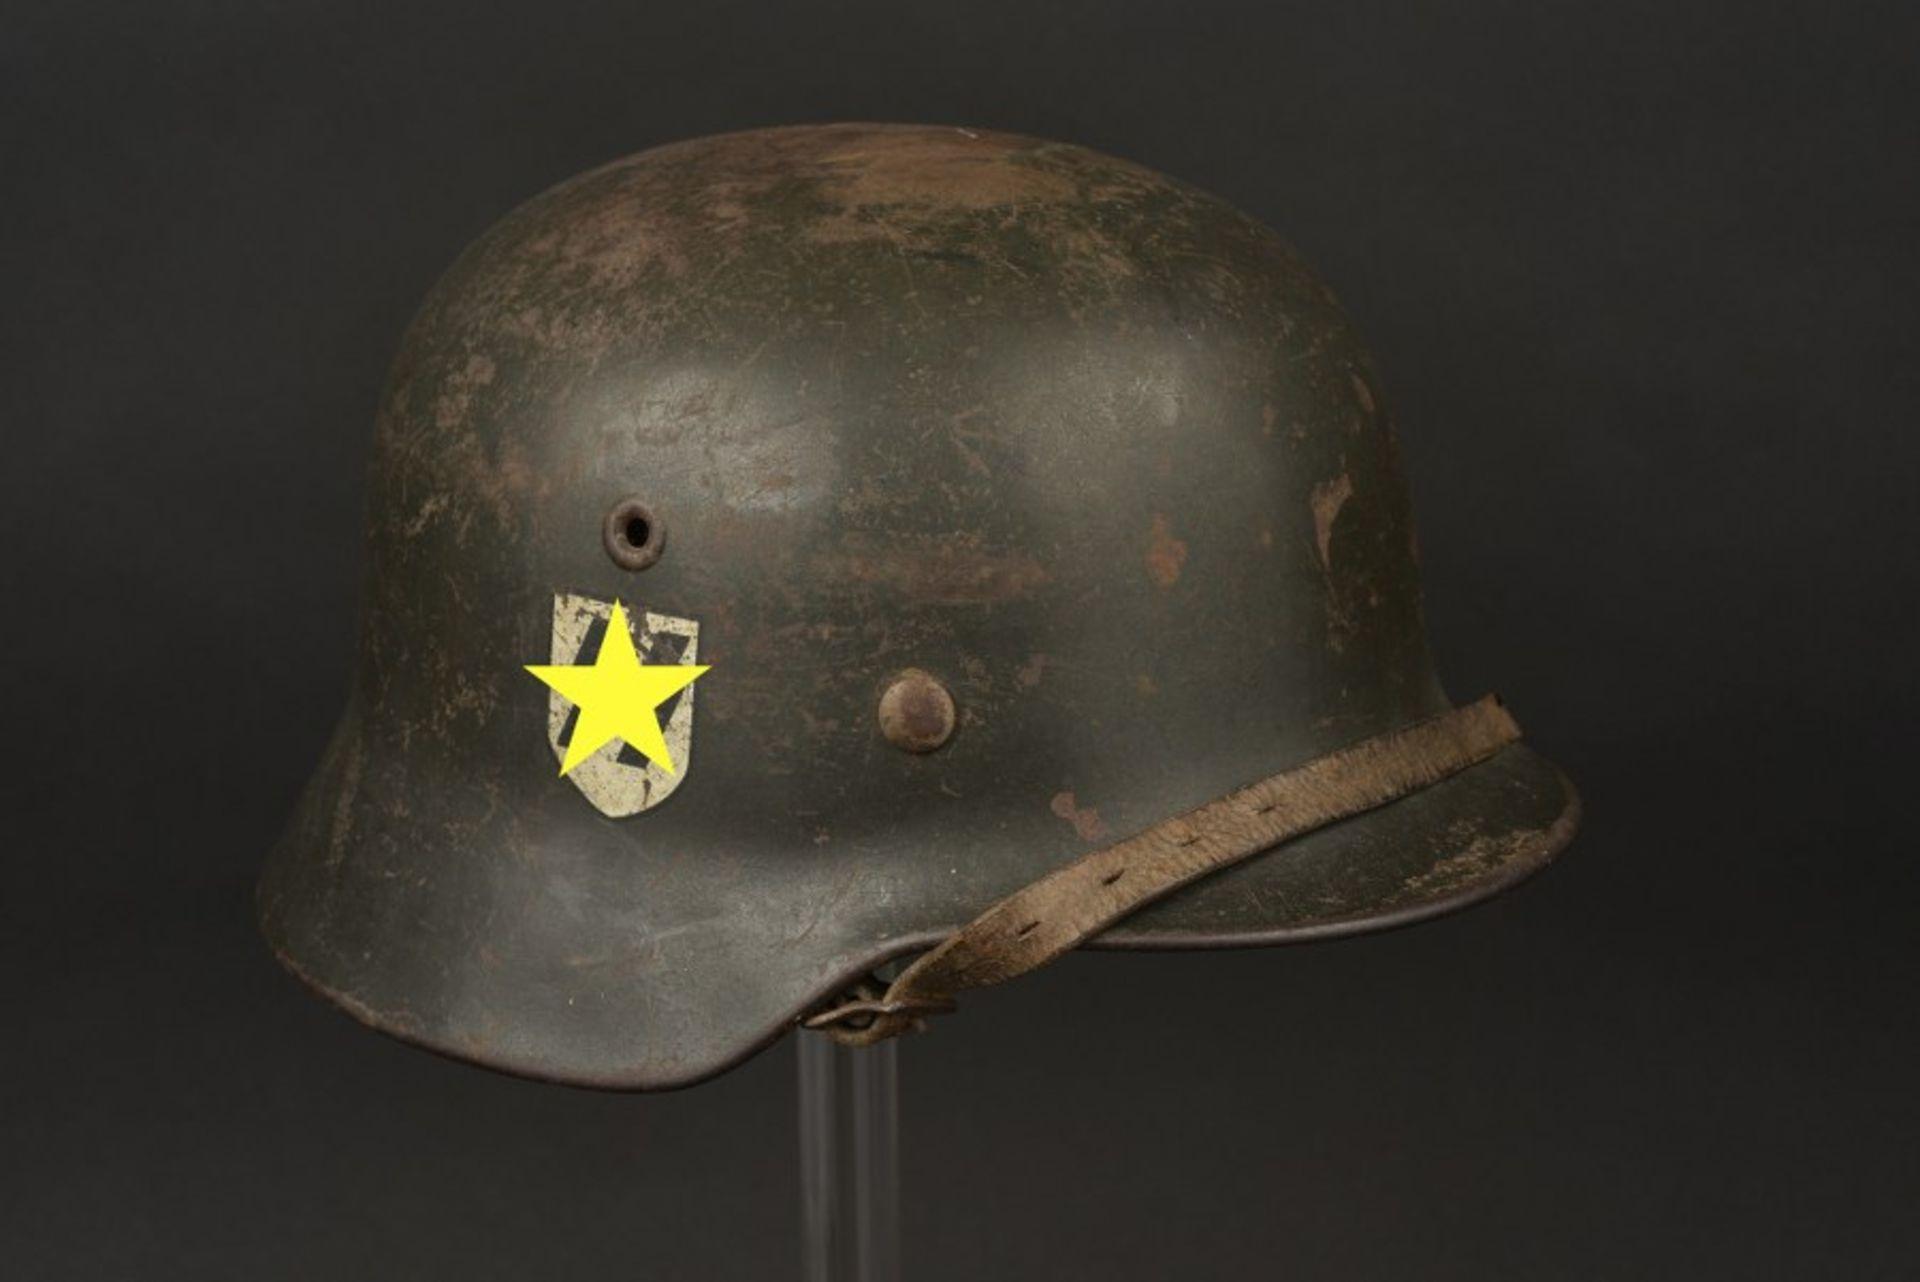 Los 24 - Casque de la Waffen SS. Waffen SS helmet Coque de casque M-40, fabrication ET 64. numéro de lot 819.